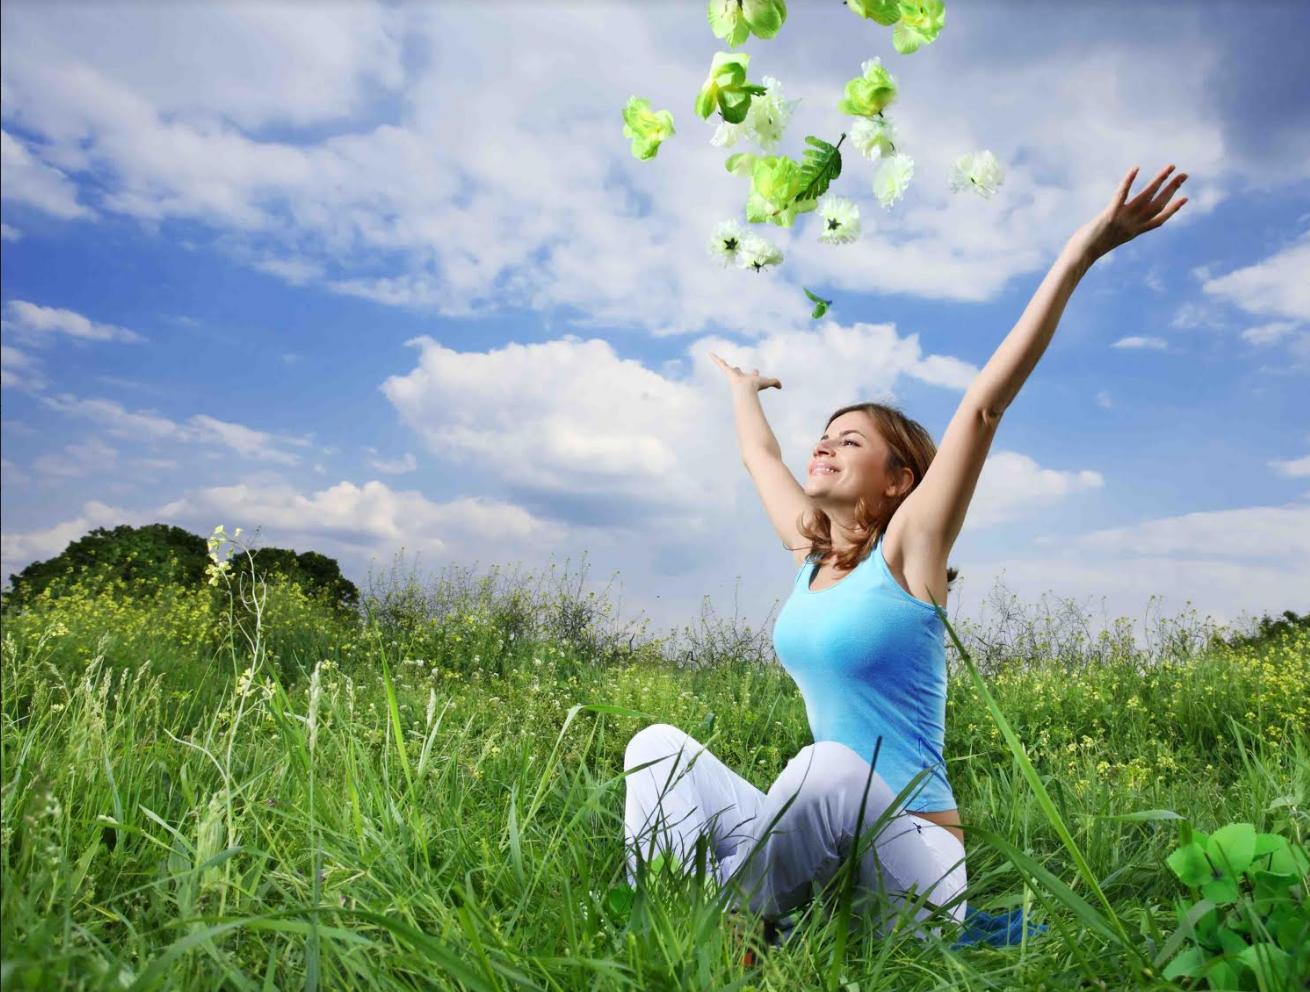 Inteligencia emocional para mayor auto-control  Y eliminar malos hábitos